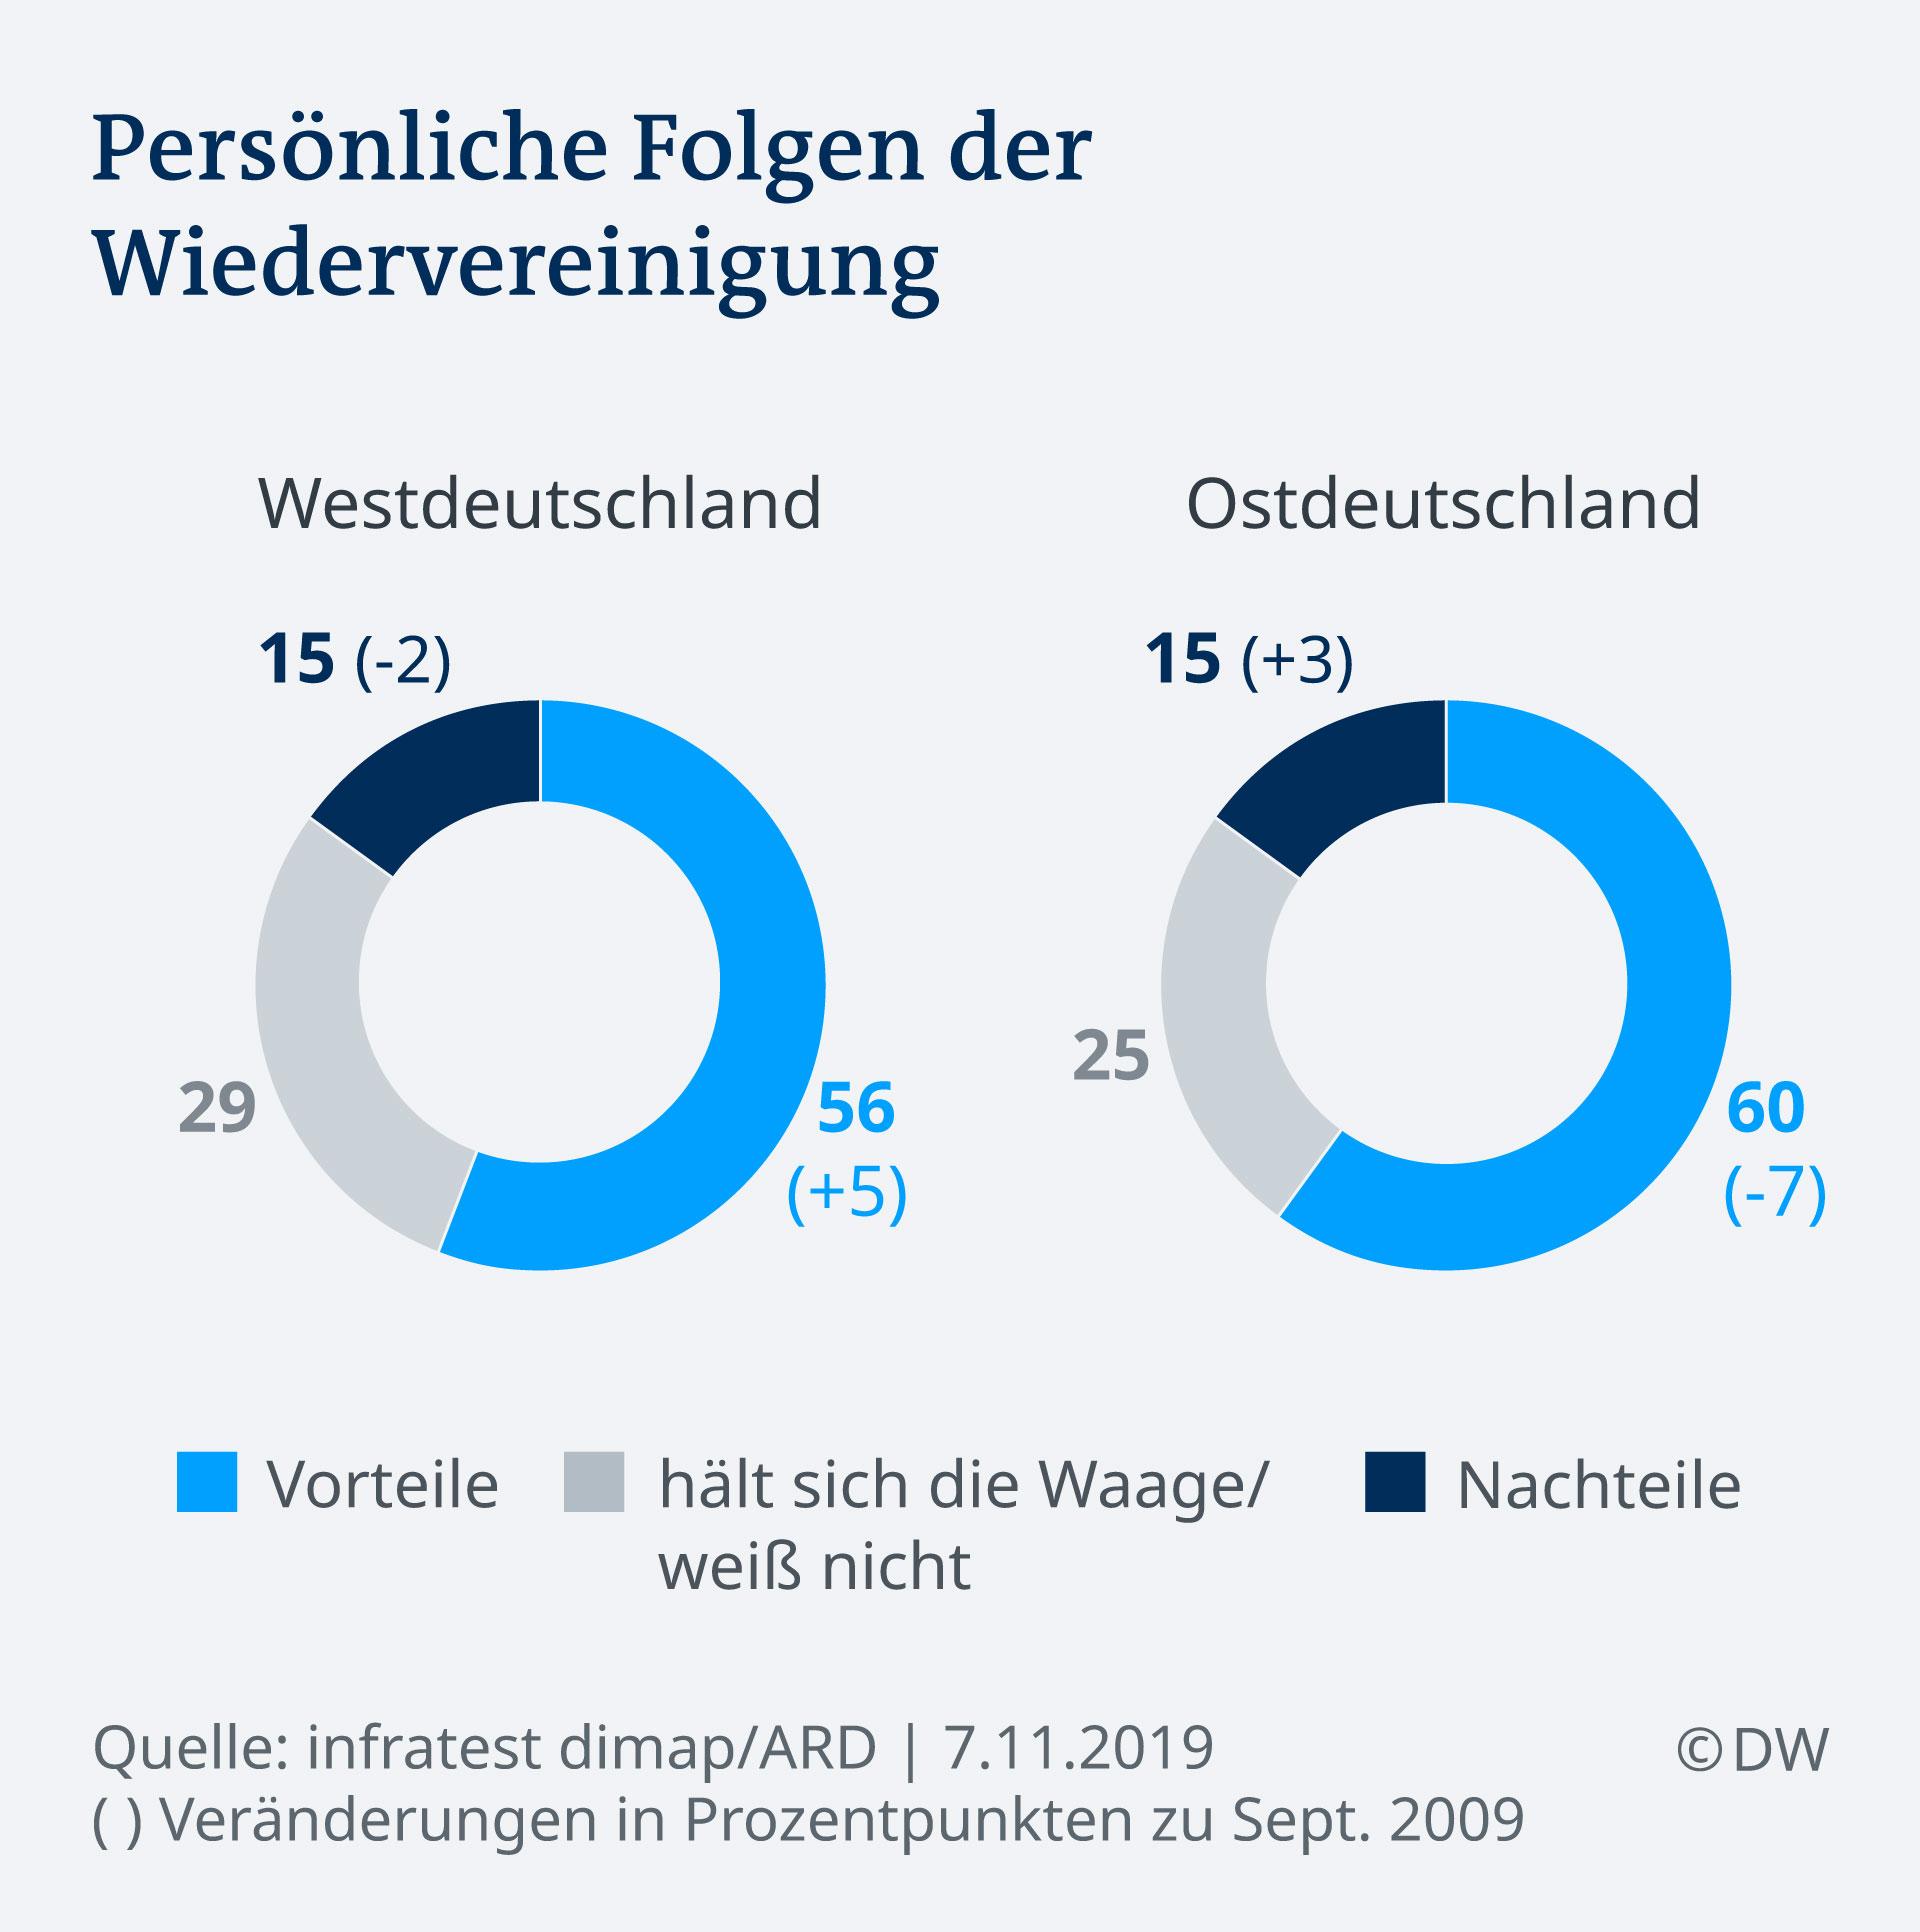 Ost Und West Eint Mehr Als Sie Trennt Deutschland Dw 07 11 2019